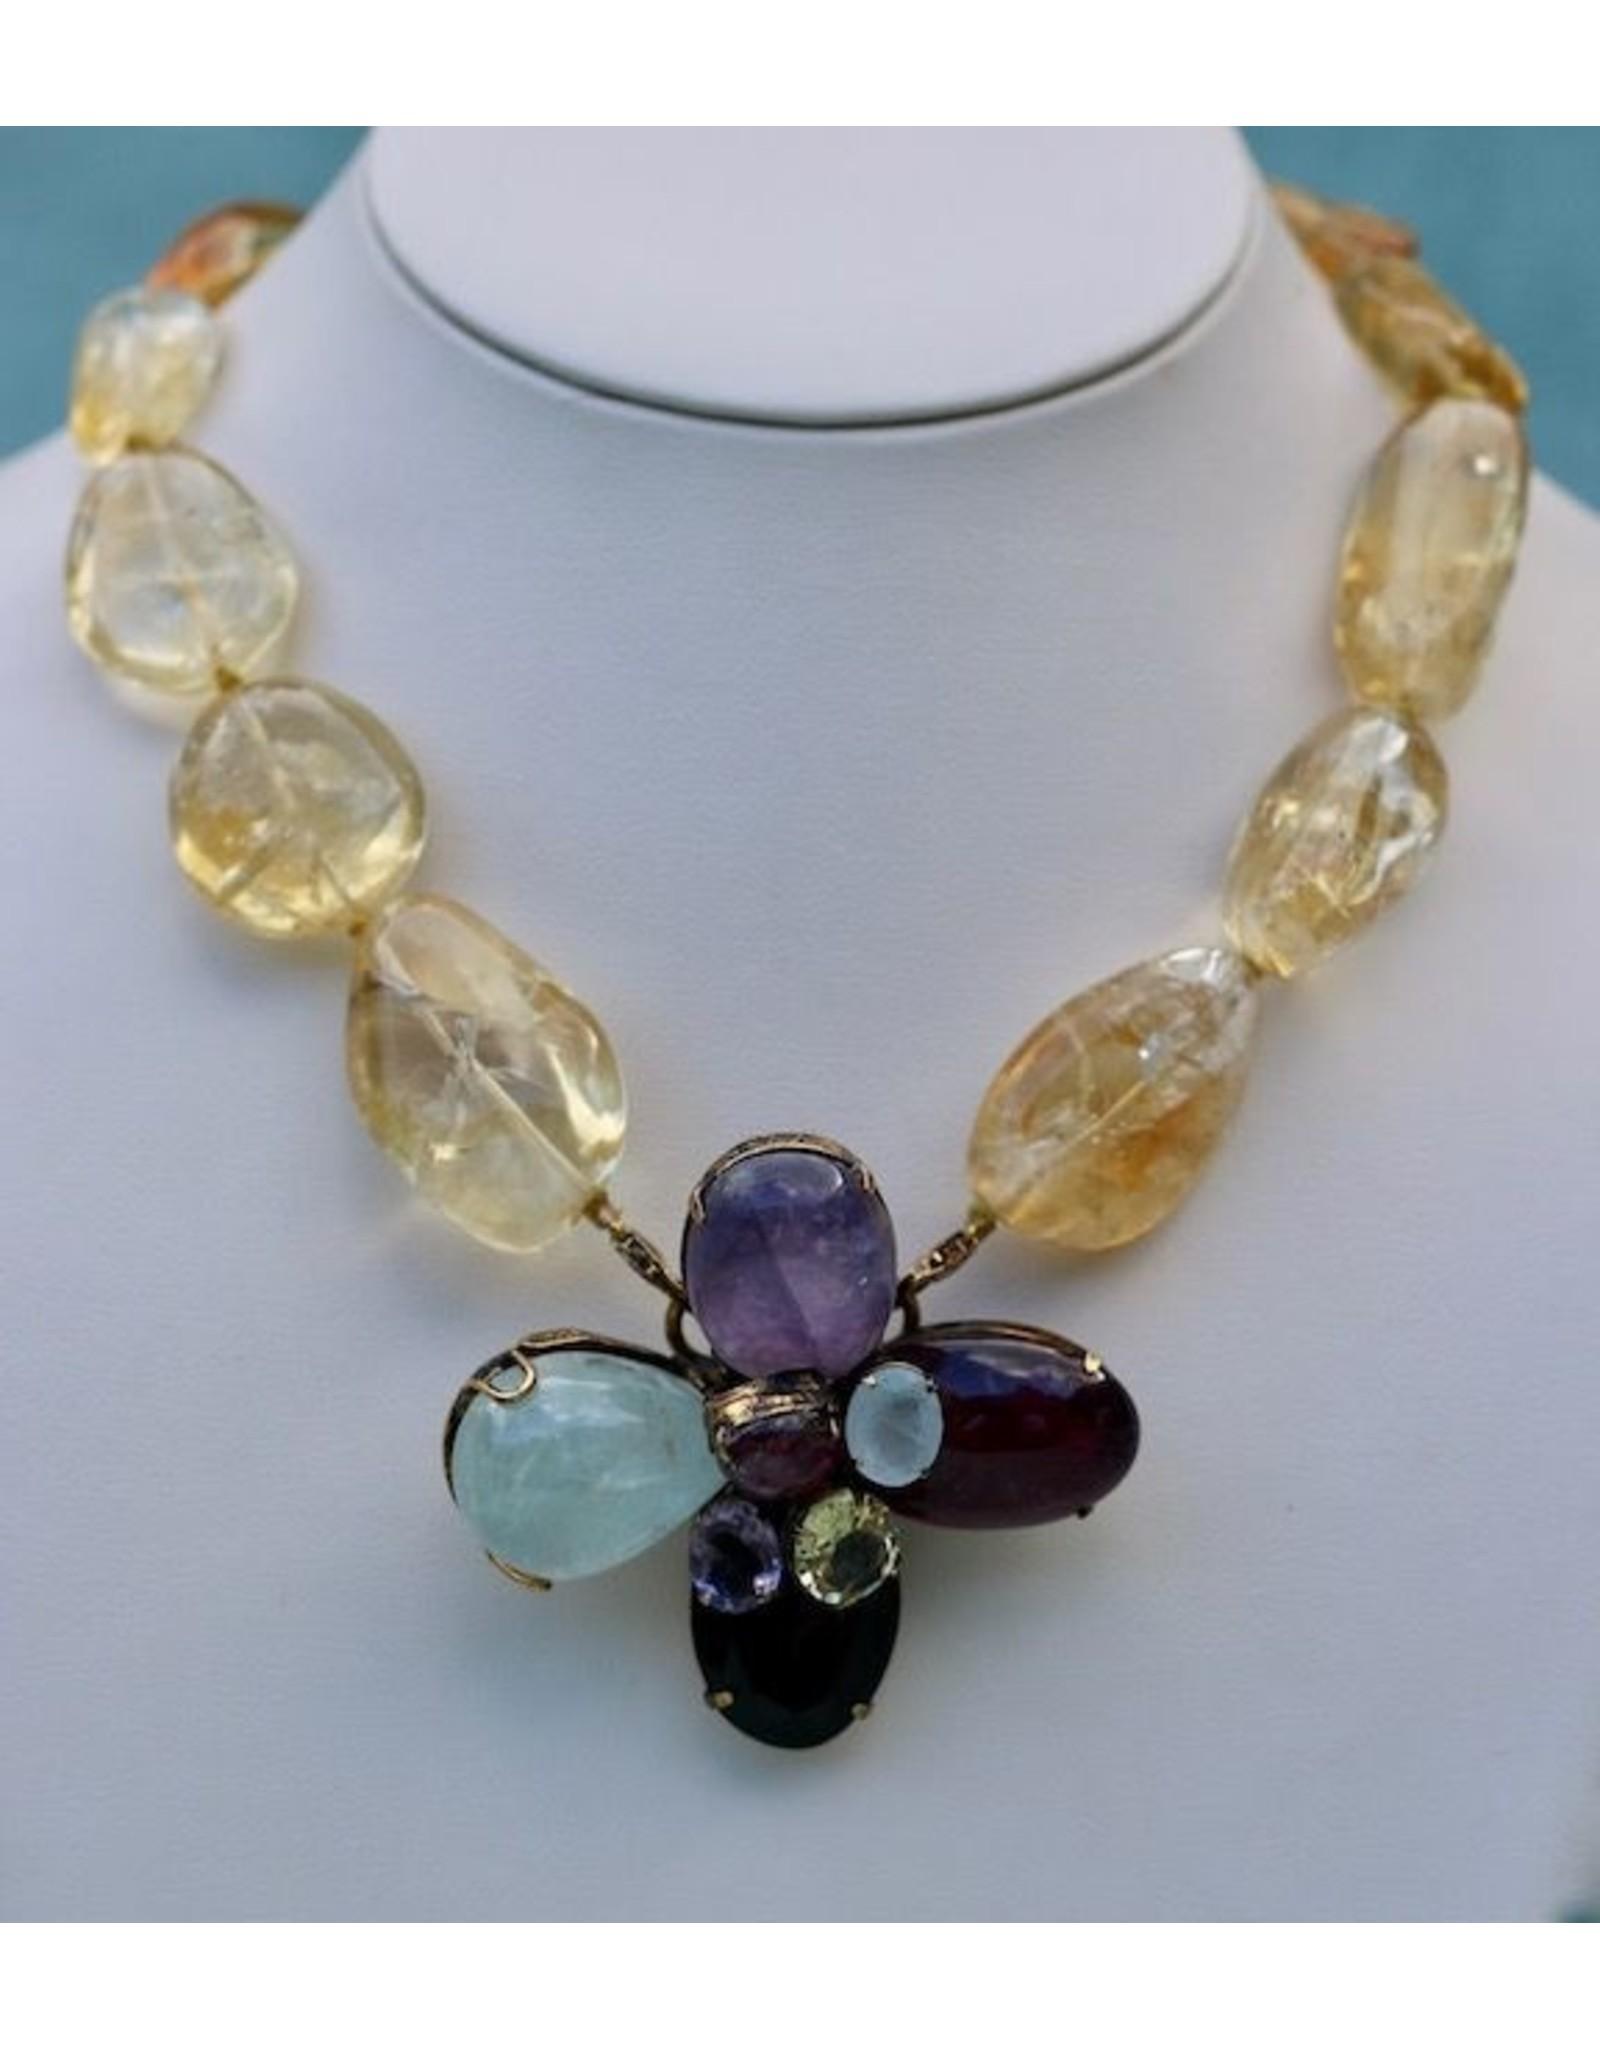 Iradj Moini Couture Iradj: Semi Precious Stones Unique